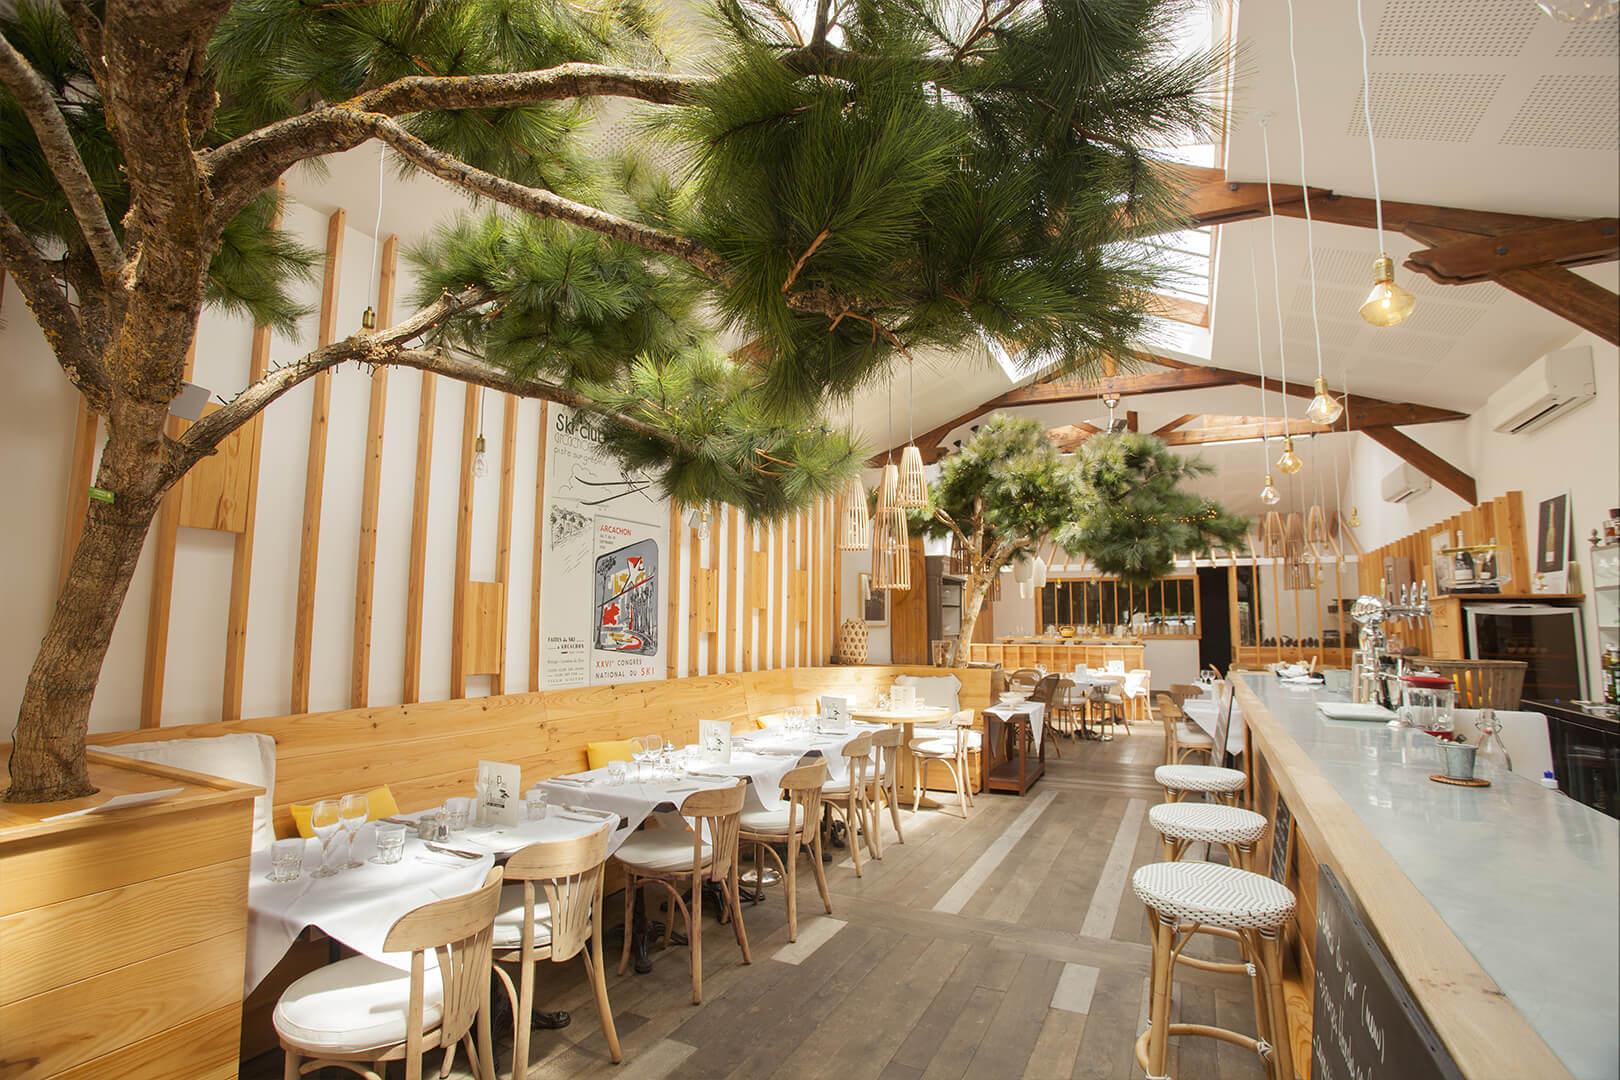 La classe, des pins à l'intérieur de ce restaurant Arcachonnais, décorré par Laurent Guiraudon, sa femme et Beryl Sokombe